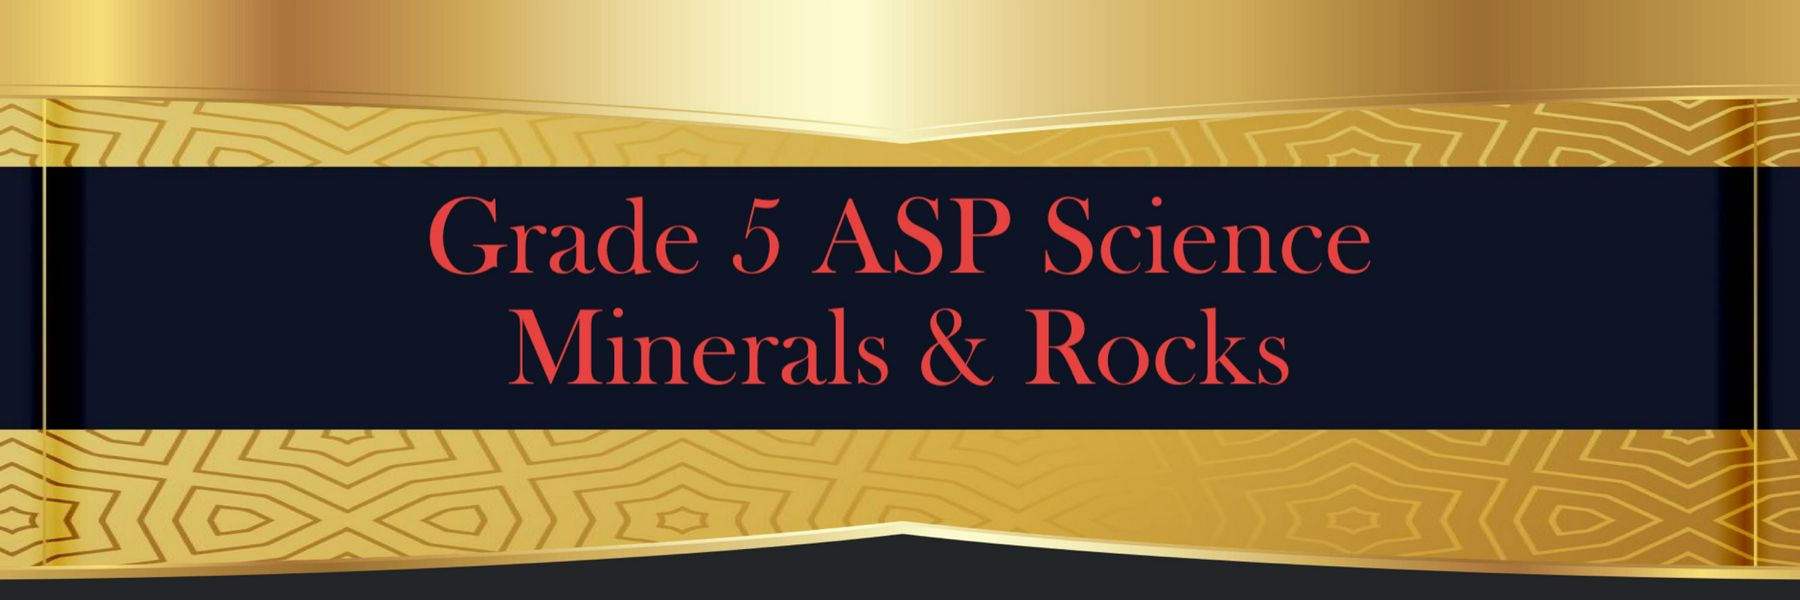 Grade 5 ASP Science : Minerals & Rocks